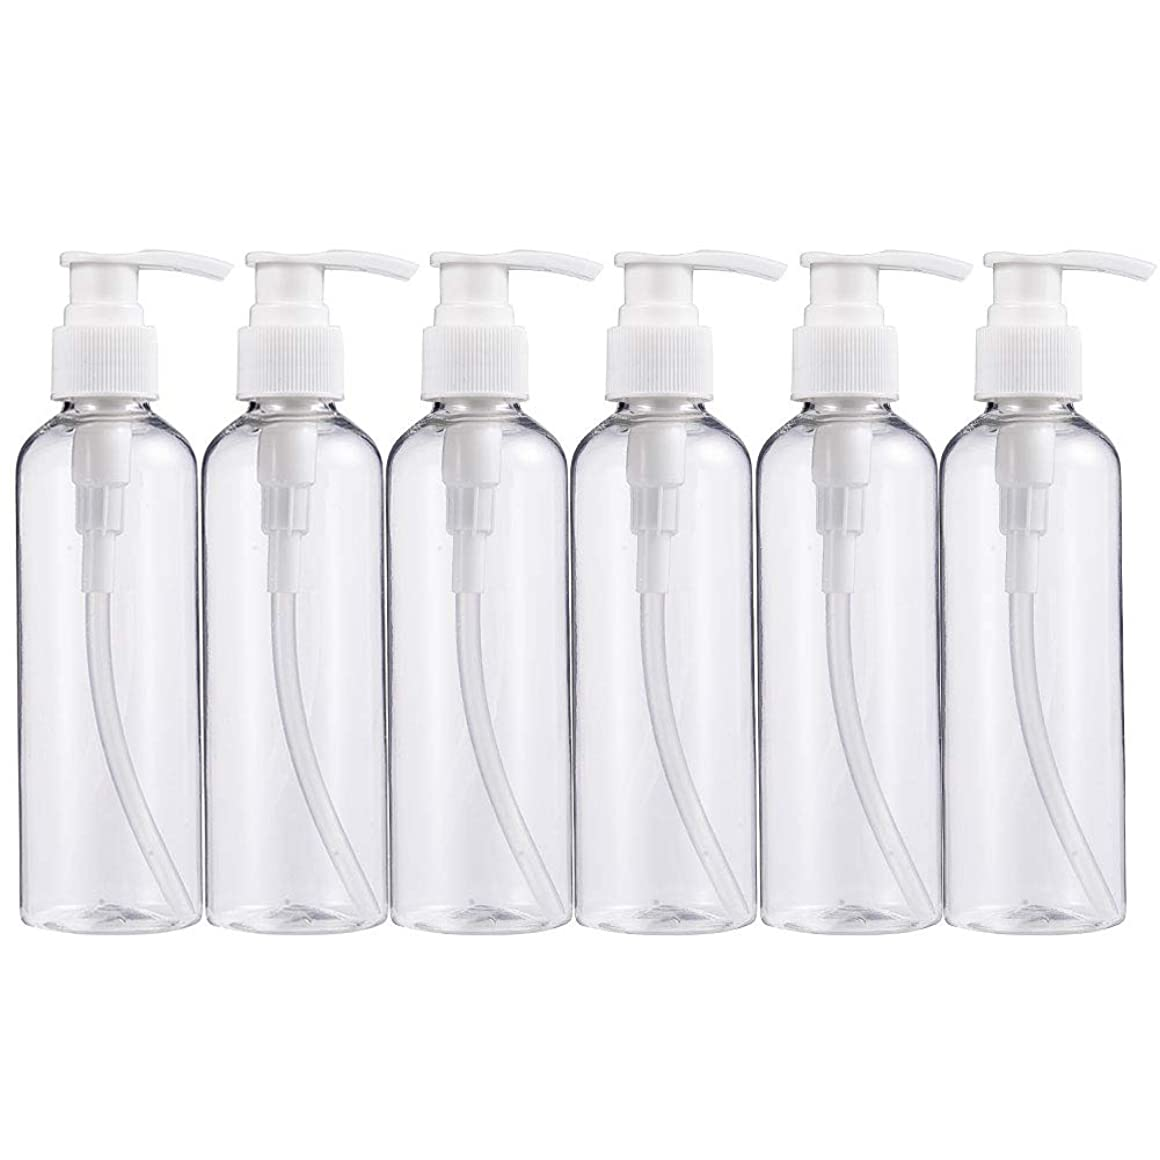 ログ近代化送ったBENECREAT 200mlプラスティックスボトル 6個セット小分けボトル プラスチック容器 液体用空ボトル 押し式詰替用ボトル 詰め替え シャンプー クリーム 化粧品 収納瓶